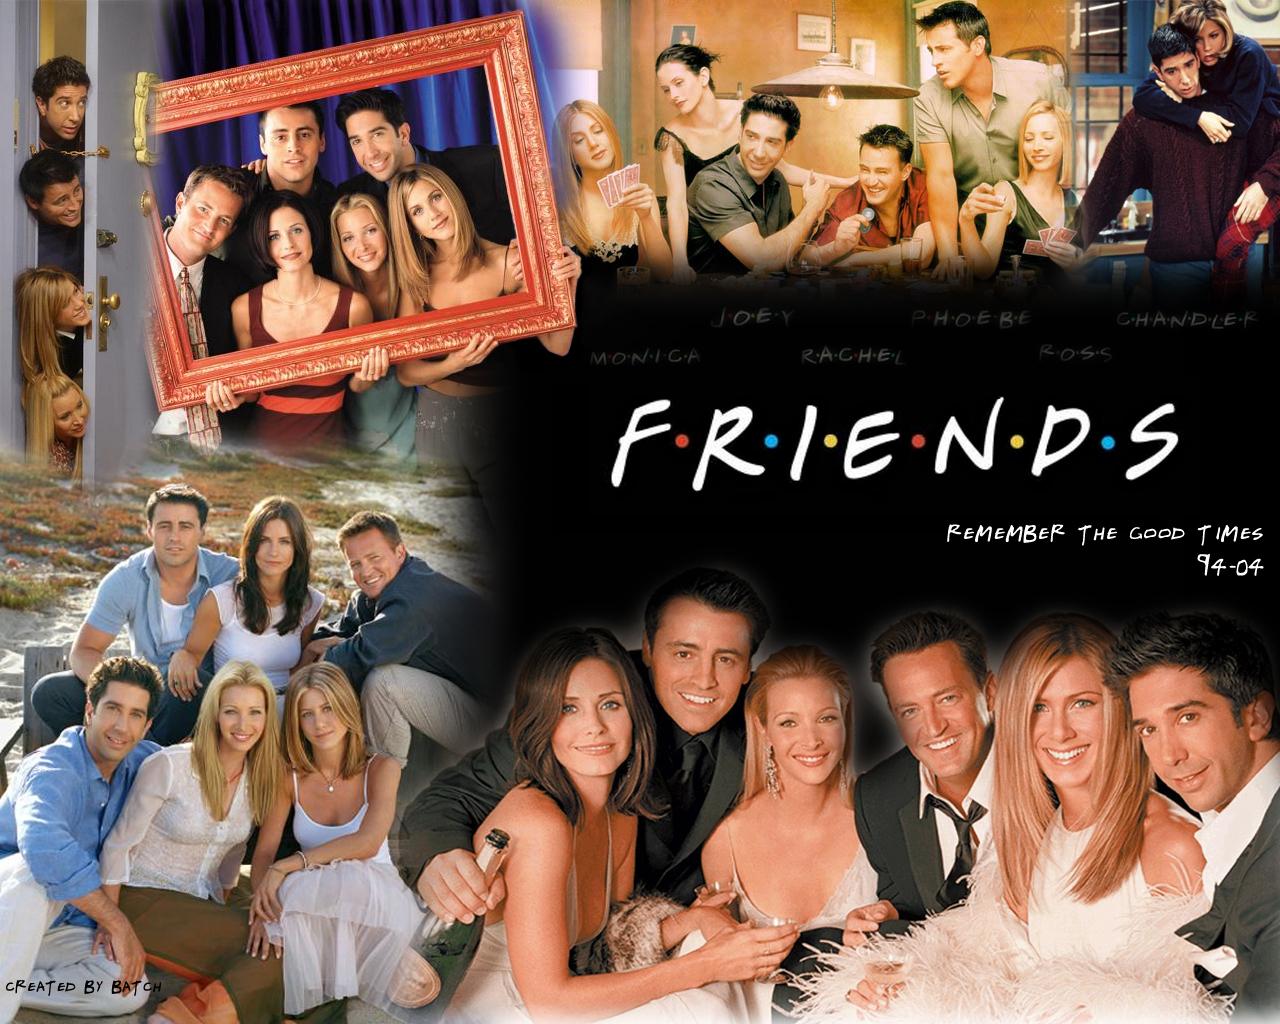 Friends Wallpaper Image - WallpaperSafari